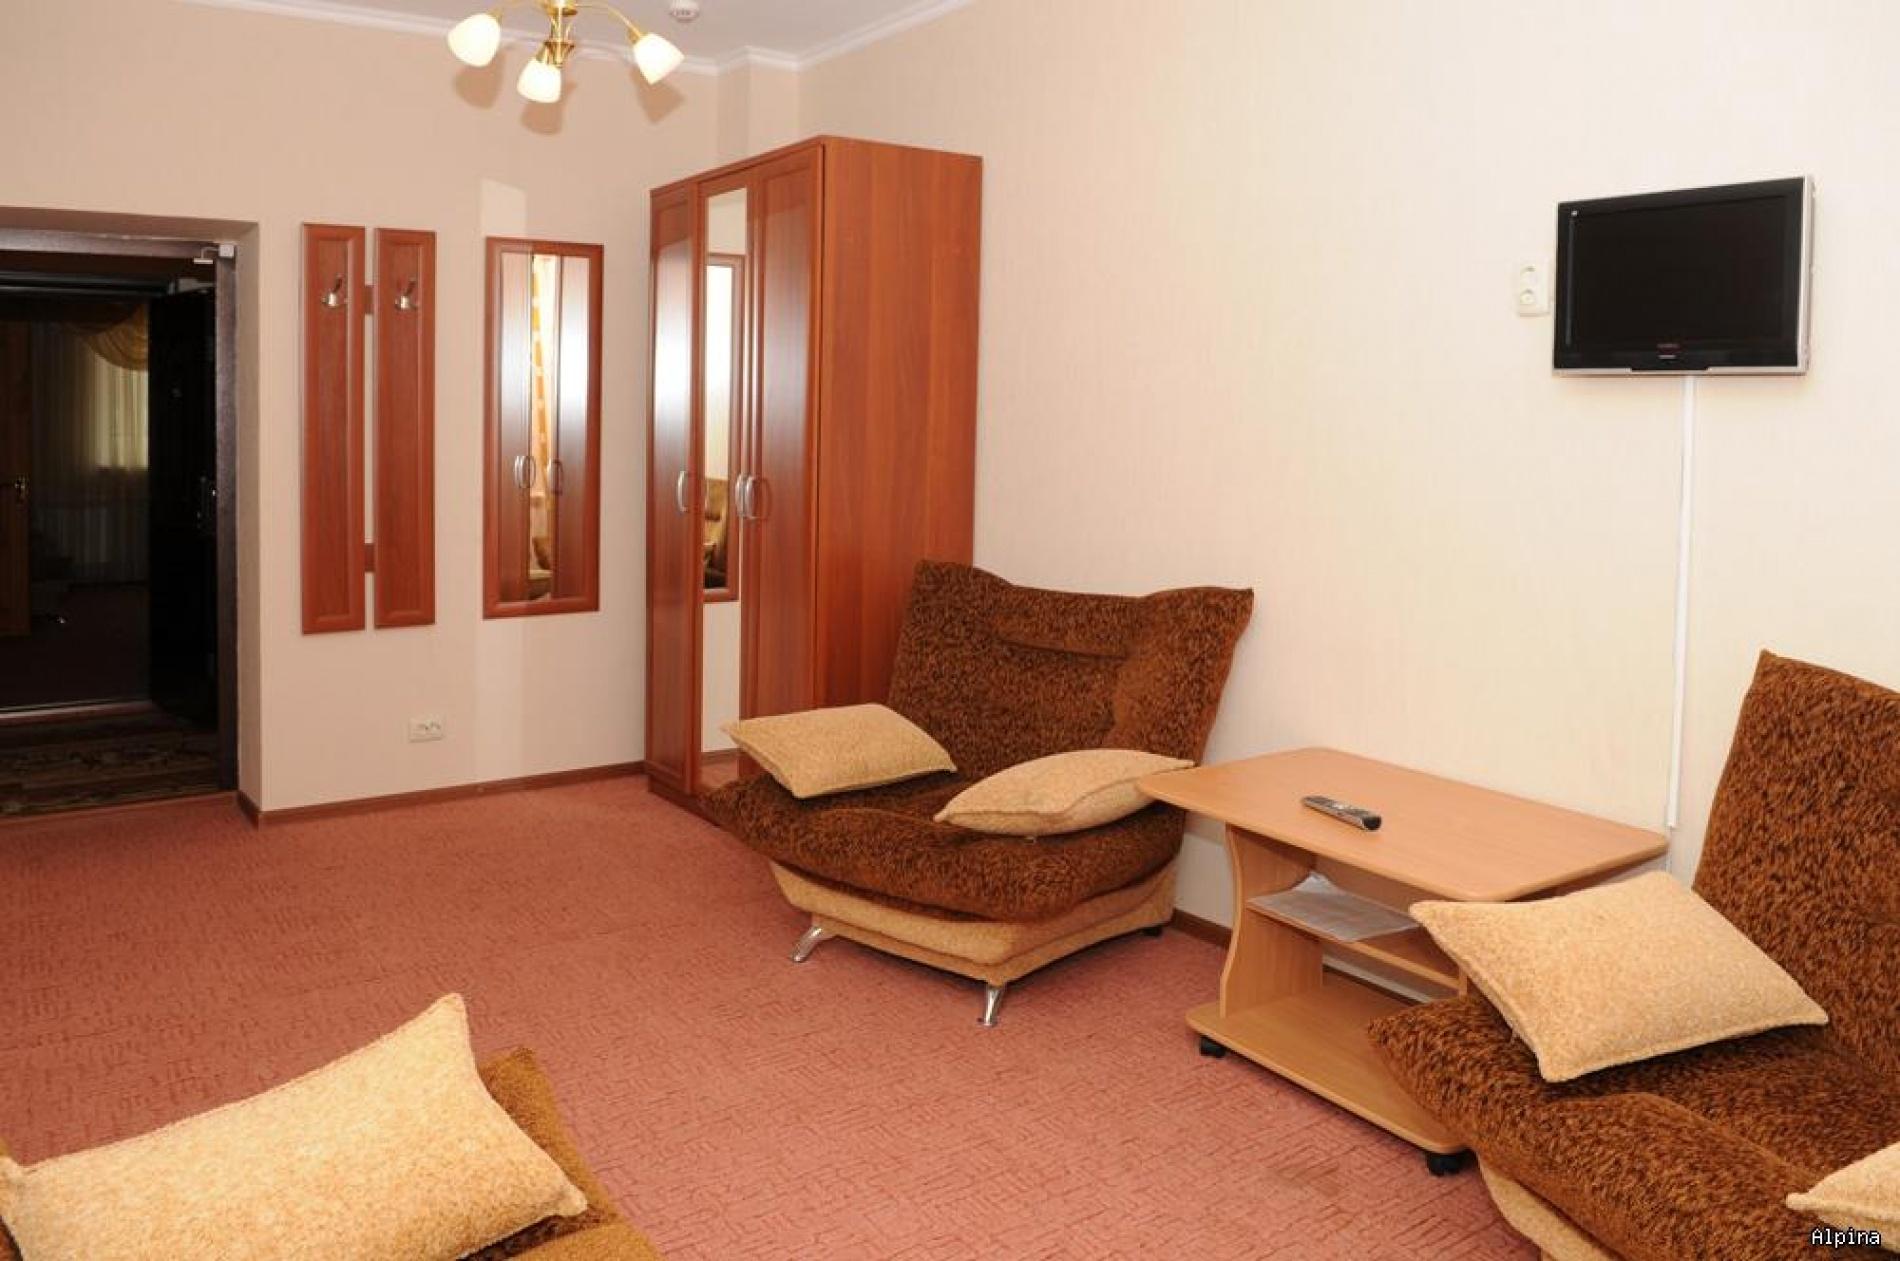 """Парк-отель """"Alpina"""" Кабардино-Балкарская Республика Номер Люкс 2-х комнатный, фото 3"""